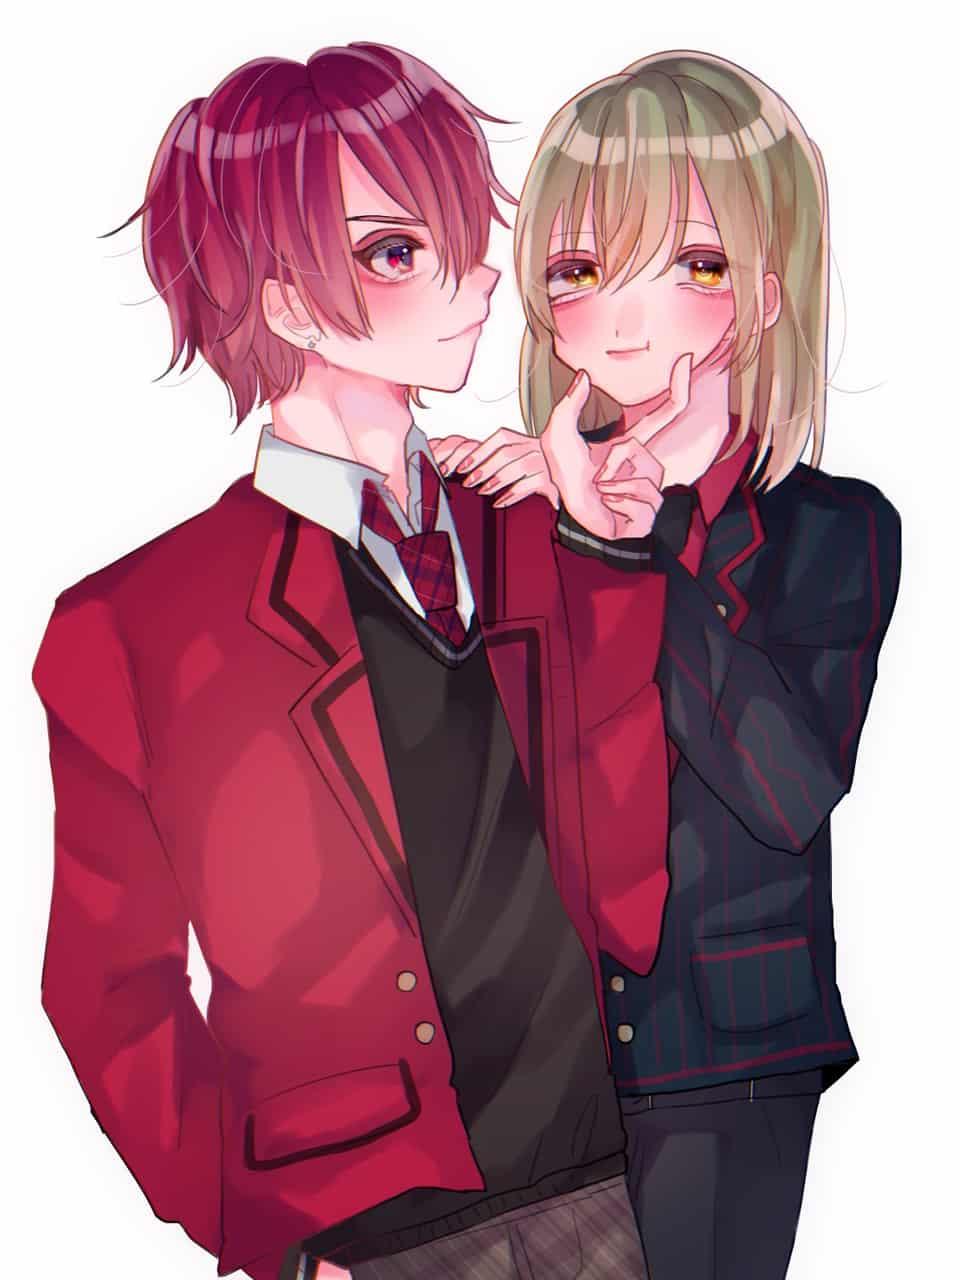 ちょこぷに Illust of MELRi boy uniform handsome oc original kawaii